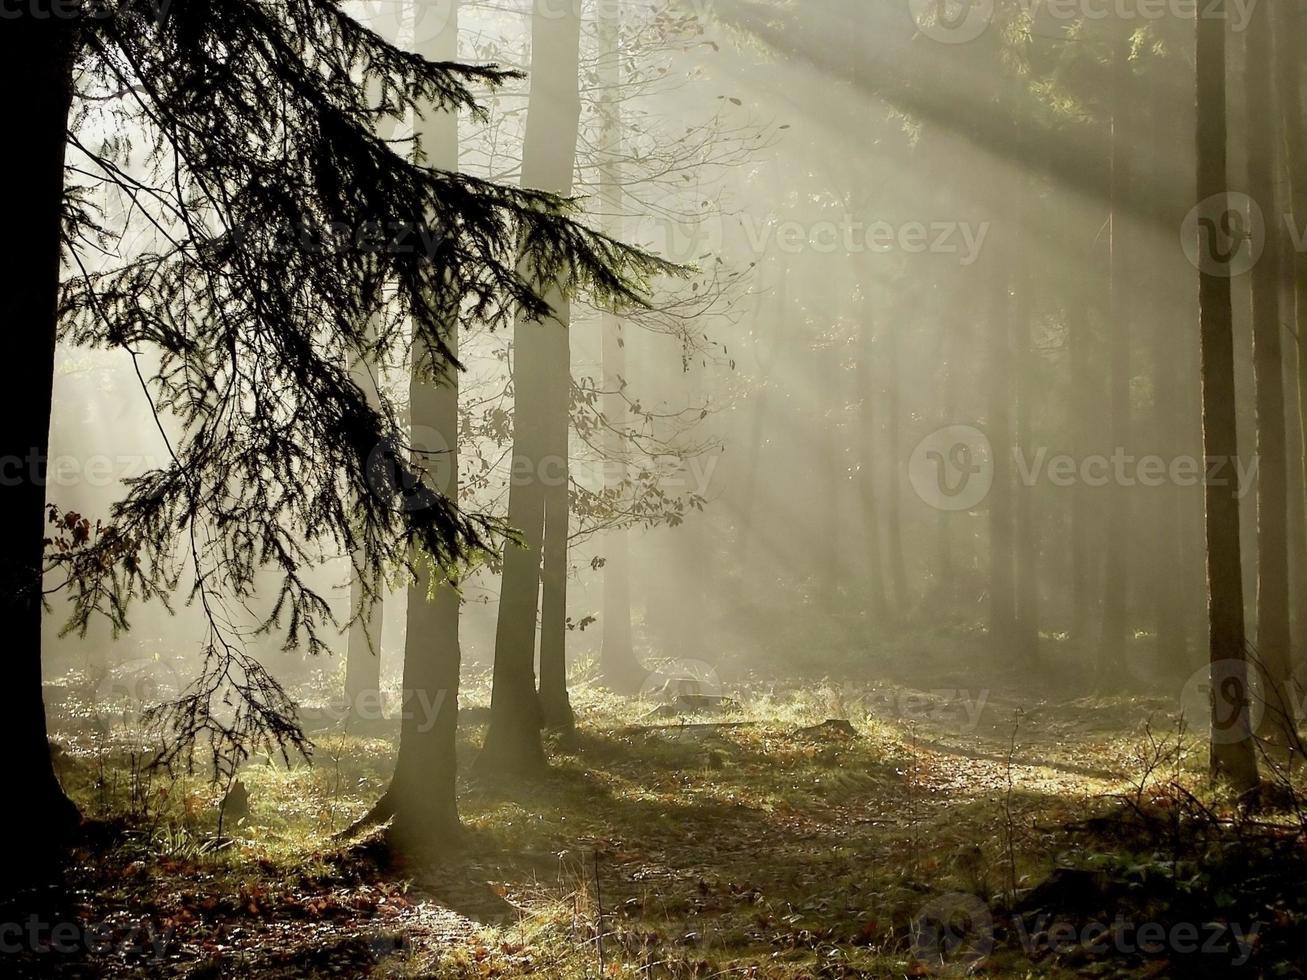 vista da floresta de coníferas ao amanhecer com a luz brilhando foto